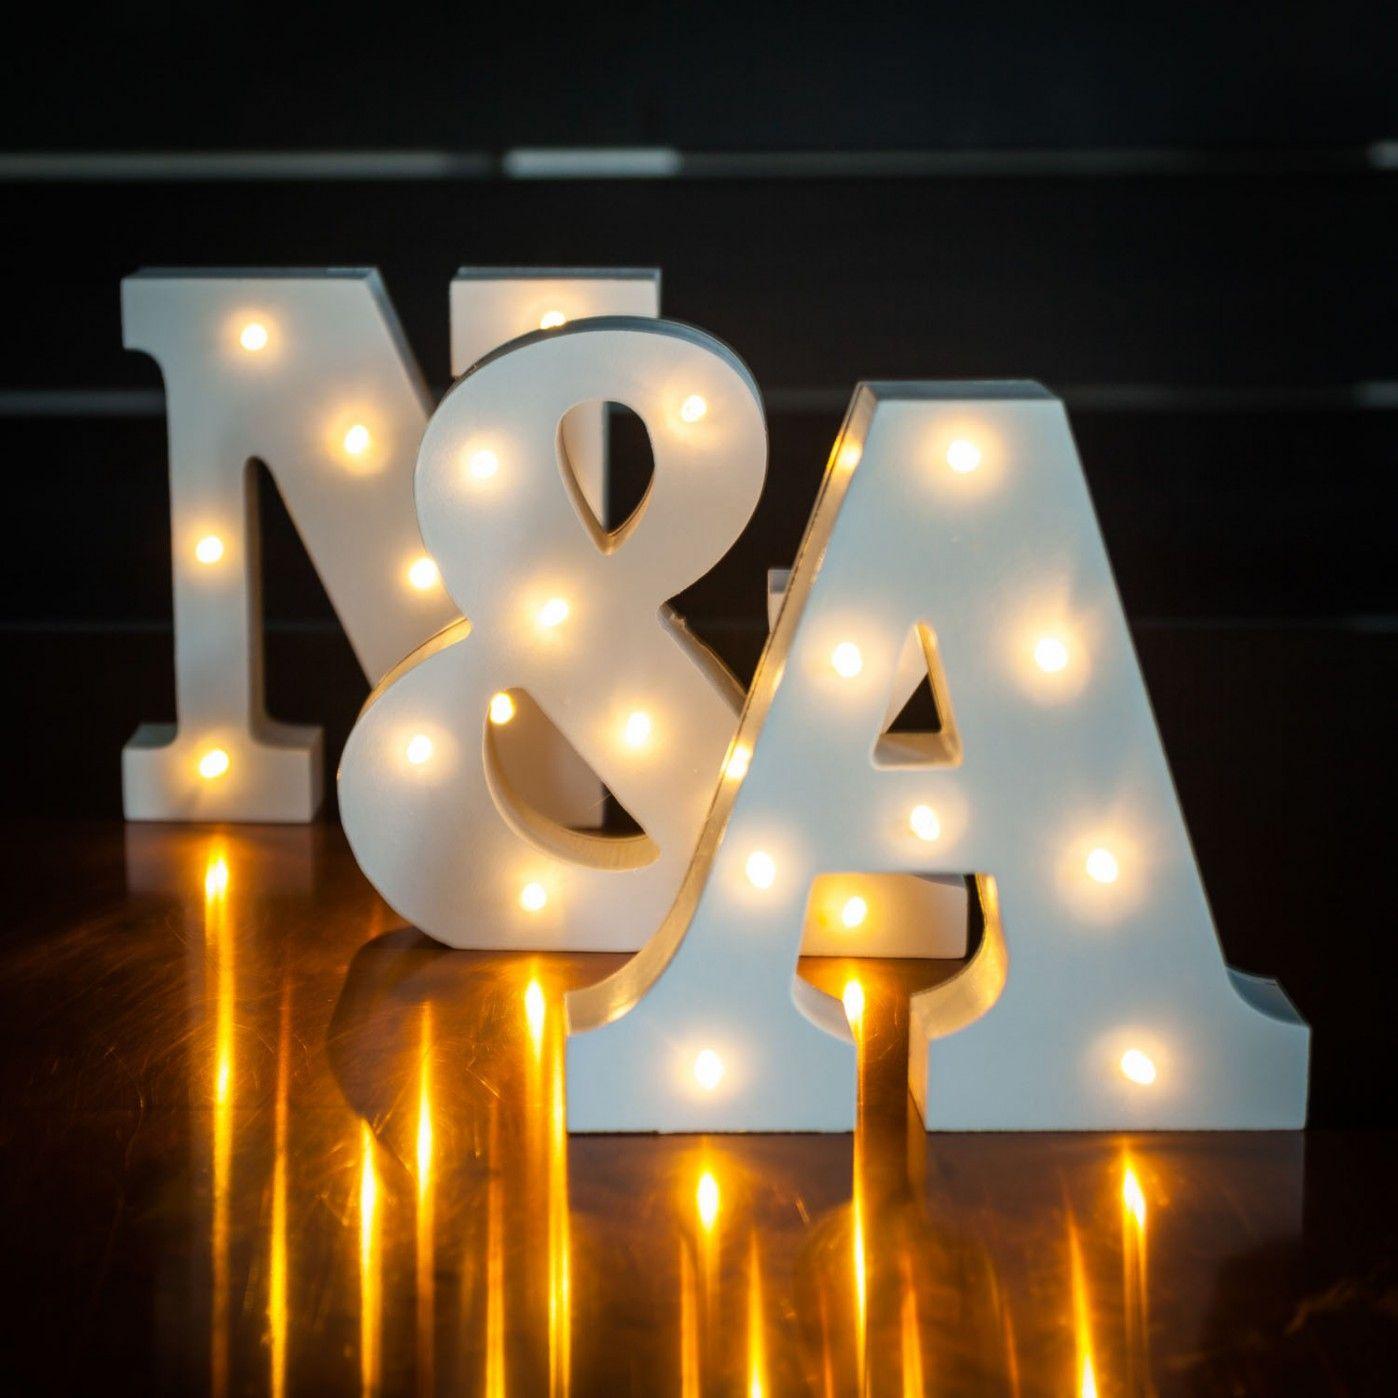 Beleuchtete Holz Buchstaben Geschenke In 2019 Buchstaben